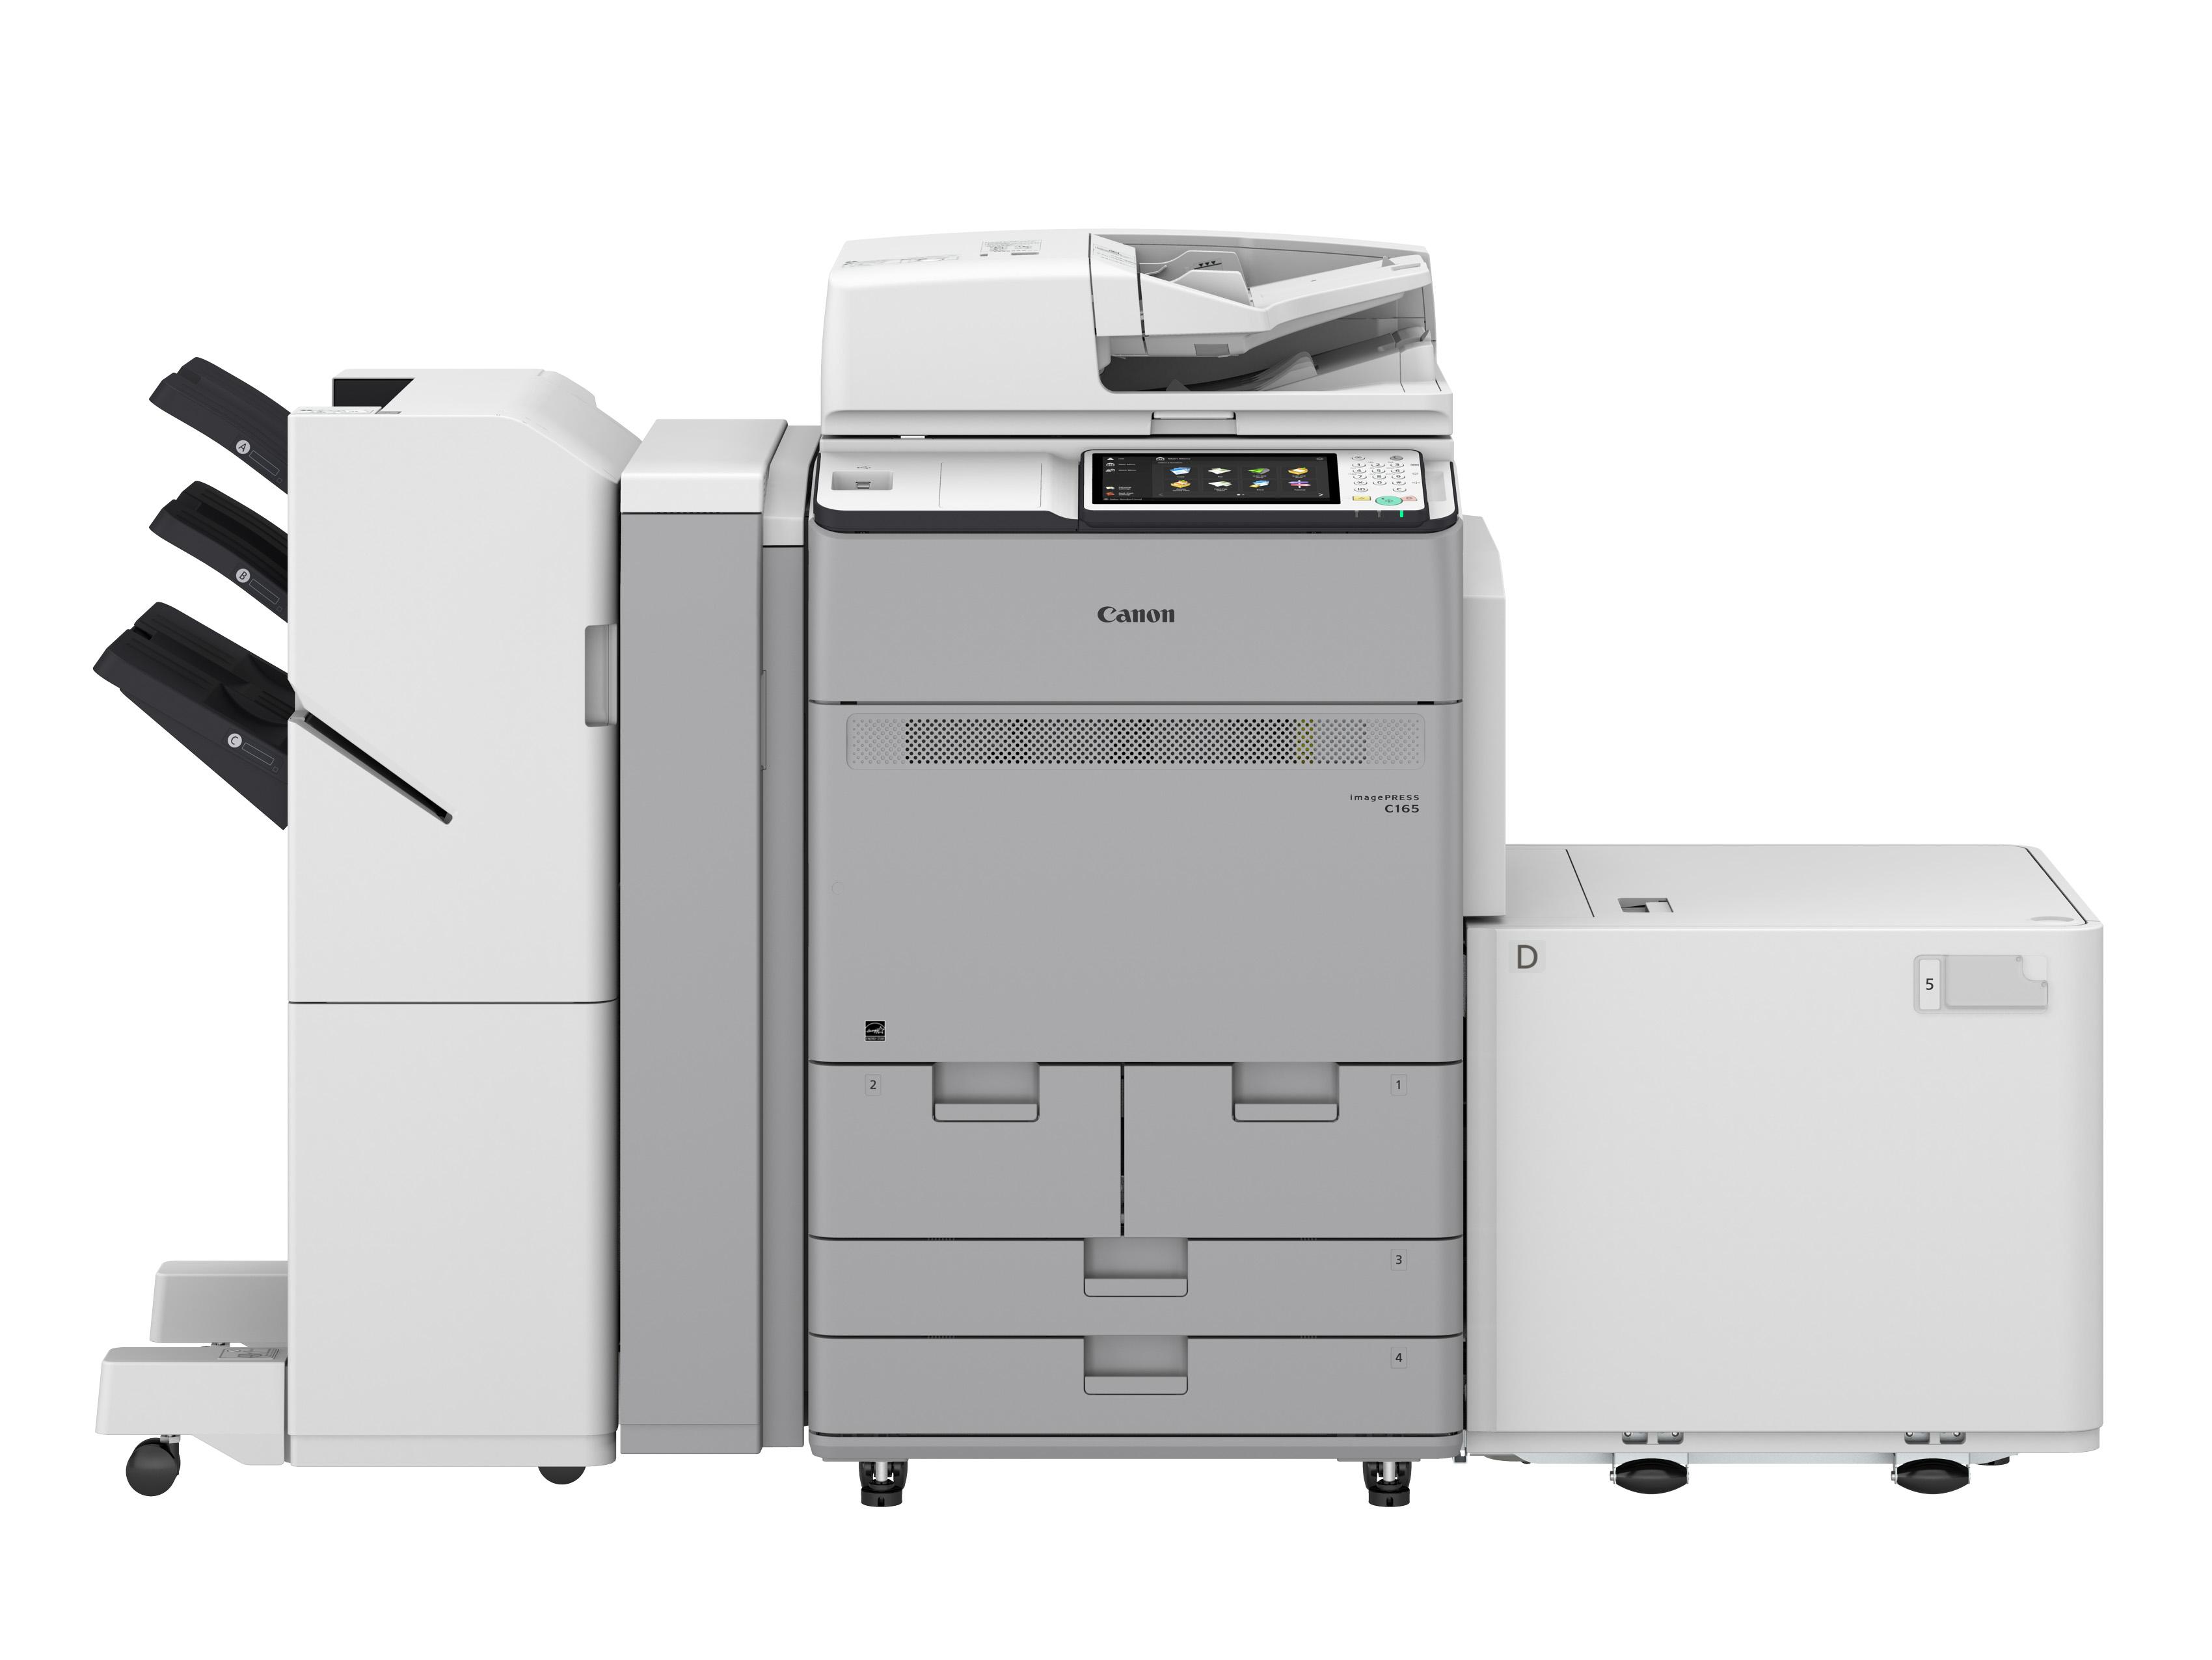 简单且更专业  佳能新发紧凑型彩色数码印刷系统imagePRESS C165